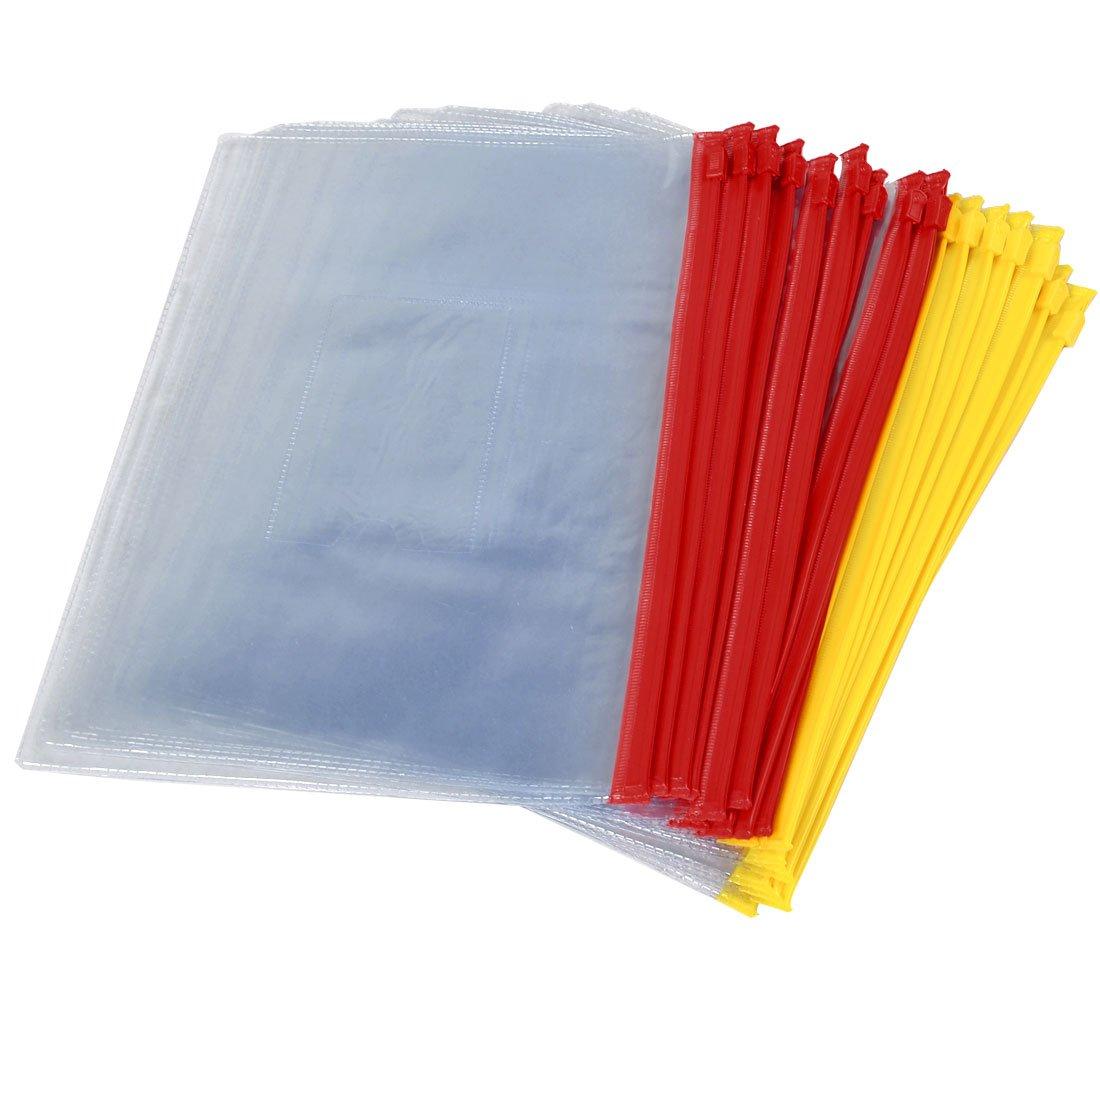 Strict 20 Pieces A5 Paper Size Blue Slider Grip Handle Zipper Transparent Envelopes For Folder Folder File Folder